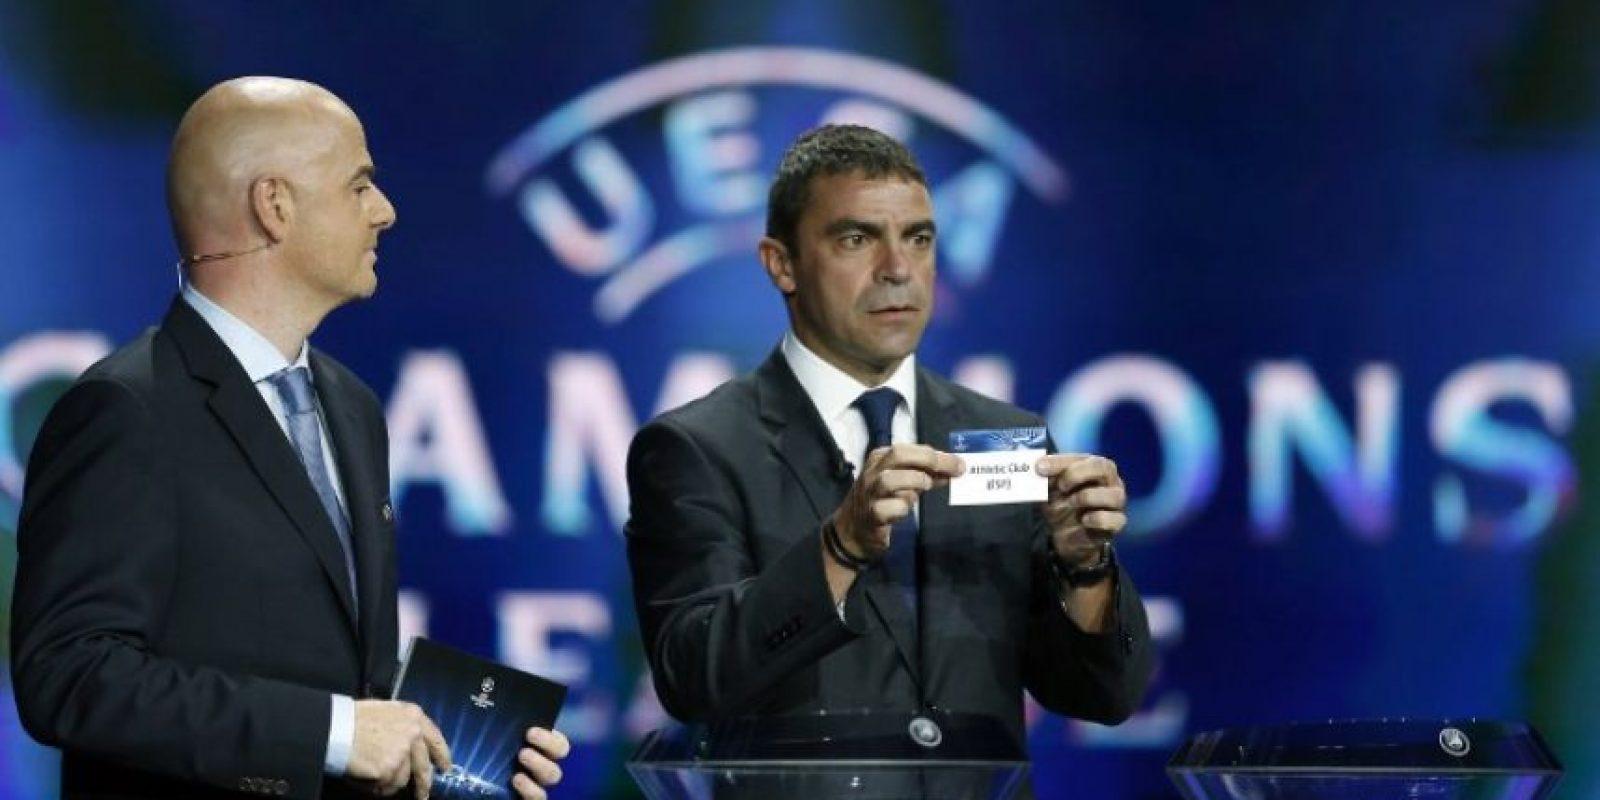 Manolo Sanchis no se guardó nada para responderle al zaaguero del Barcelona. Foto:AFP